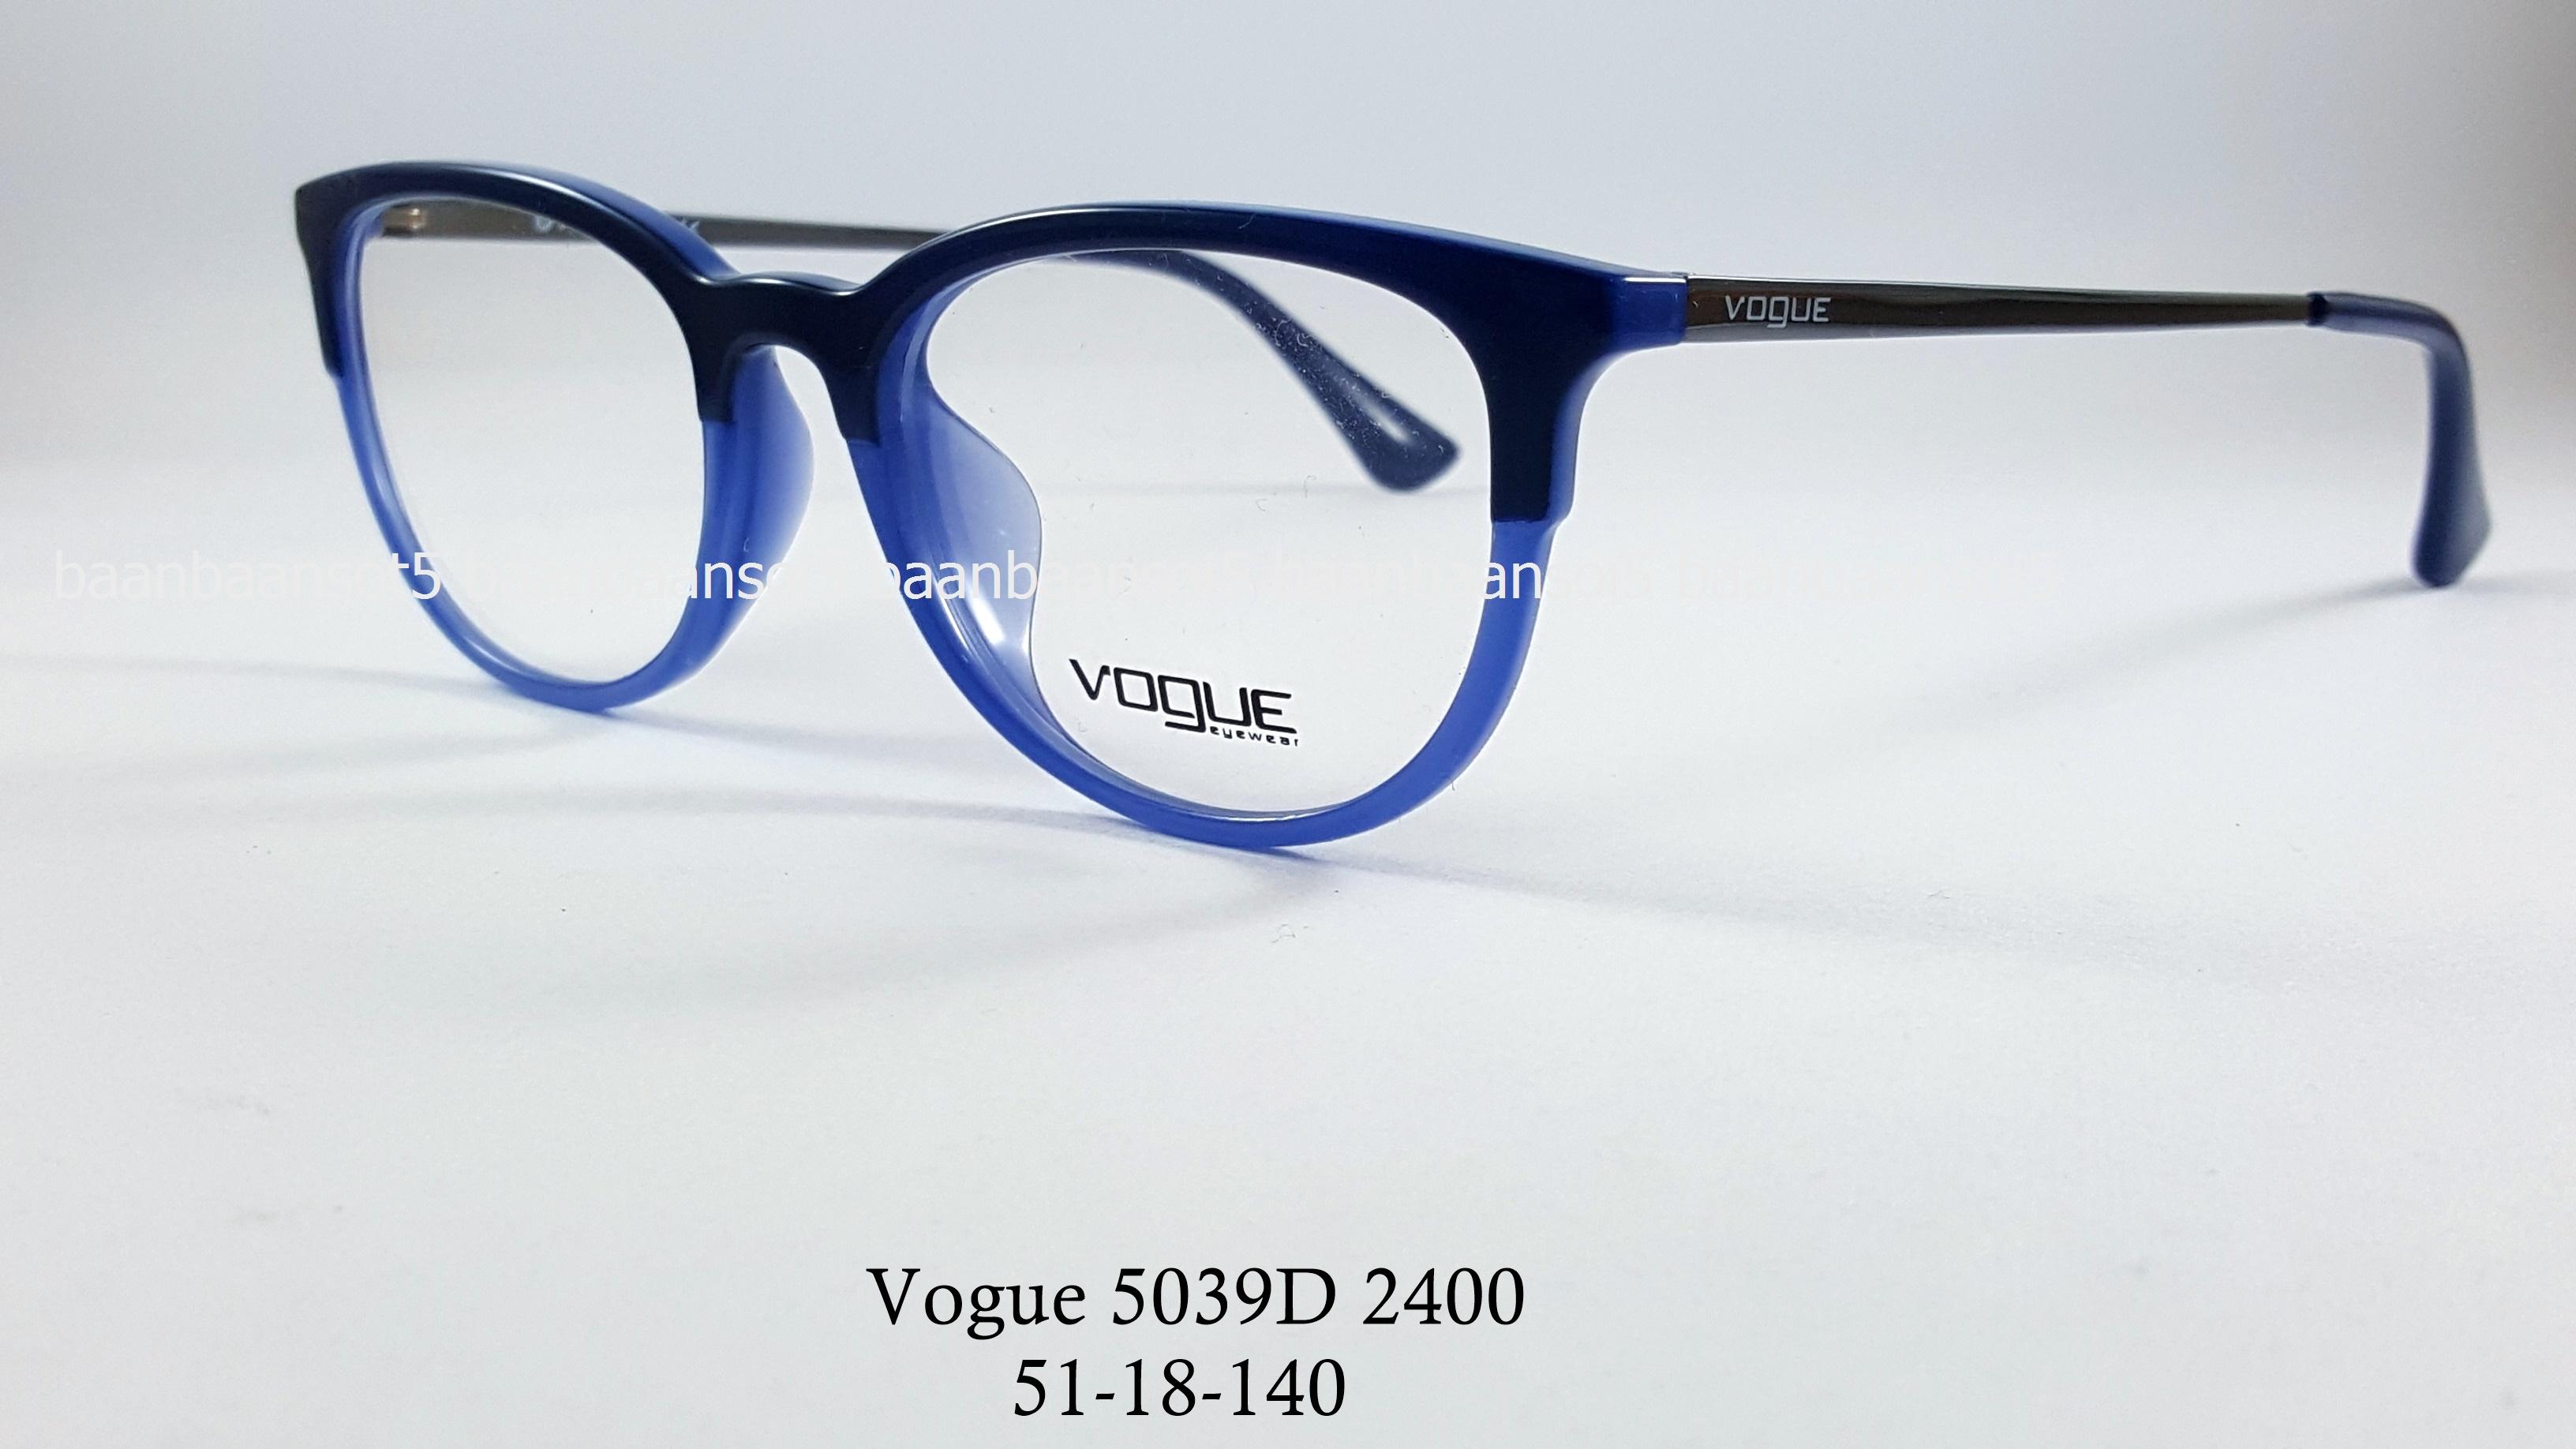 Vogue vo 5039D 2400 โปรโมชั่น กรอบแว่นตาพร้อมเลนส์ HOYA ราคา 2,500 บาท